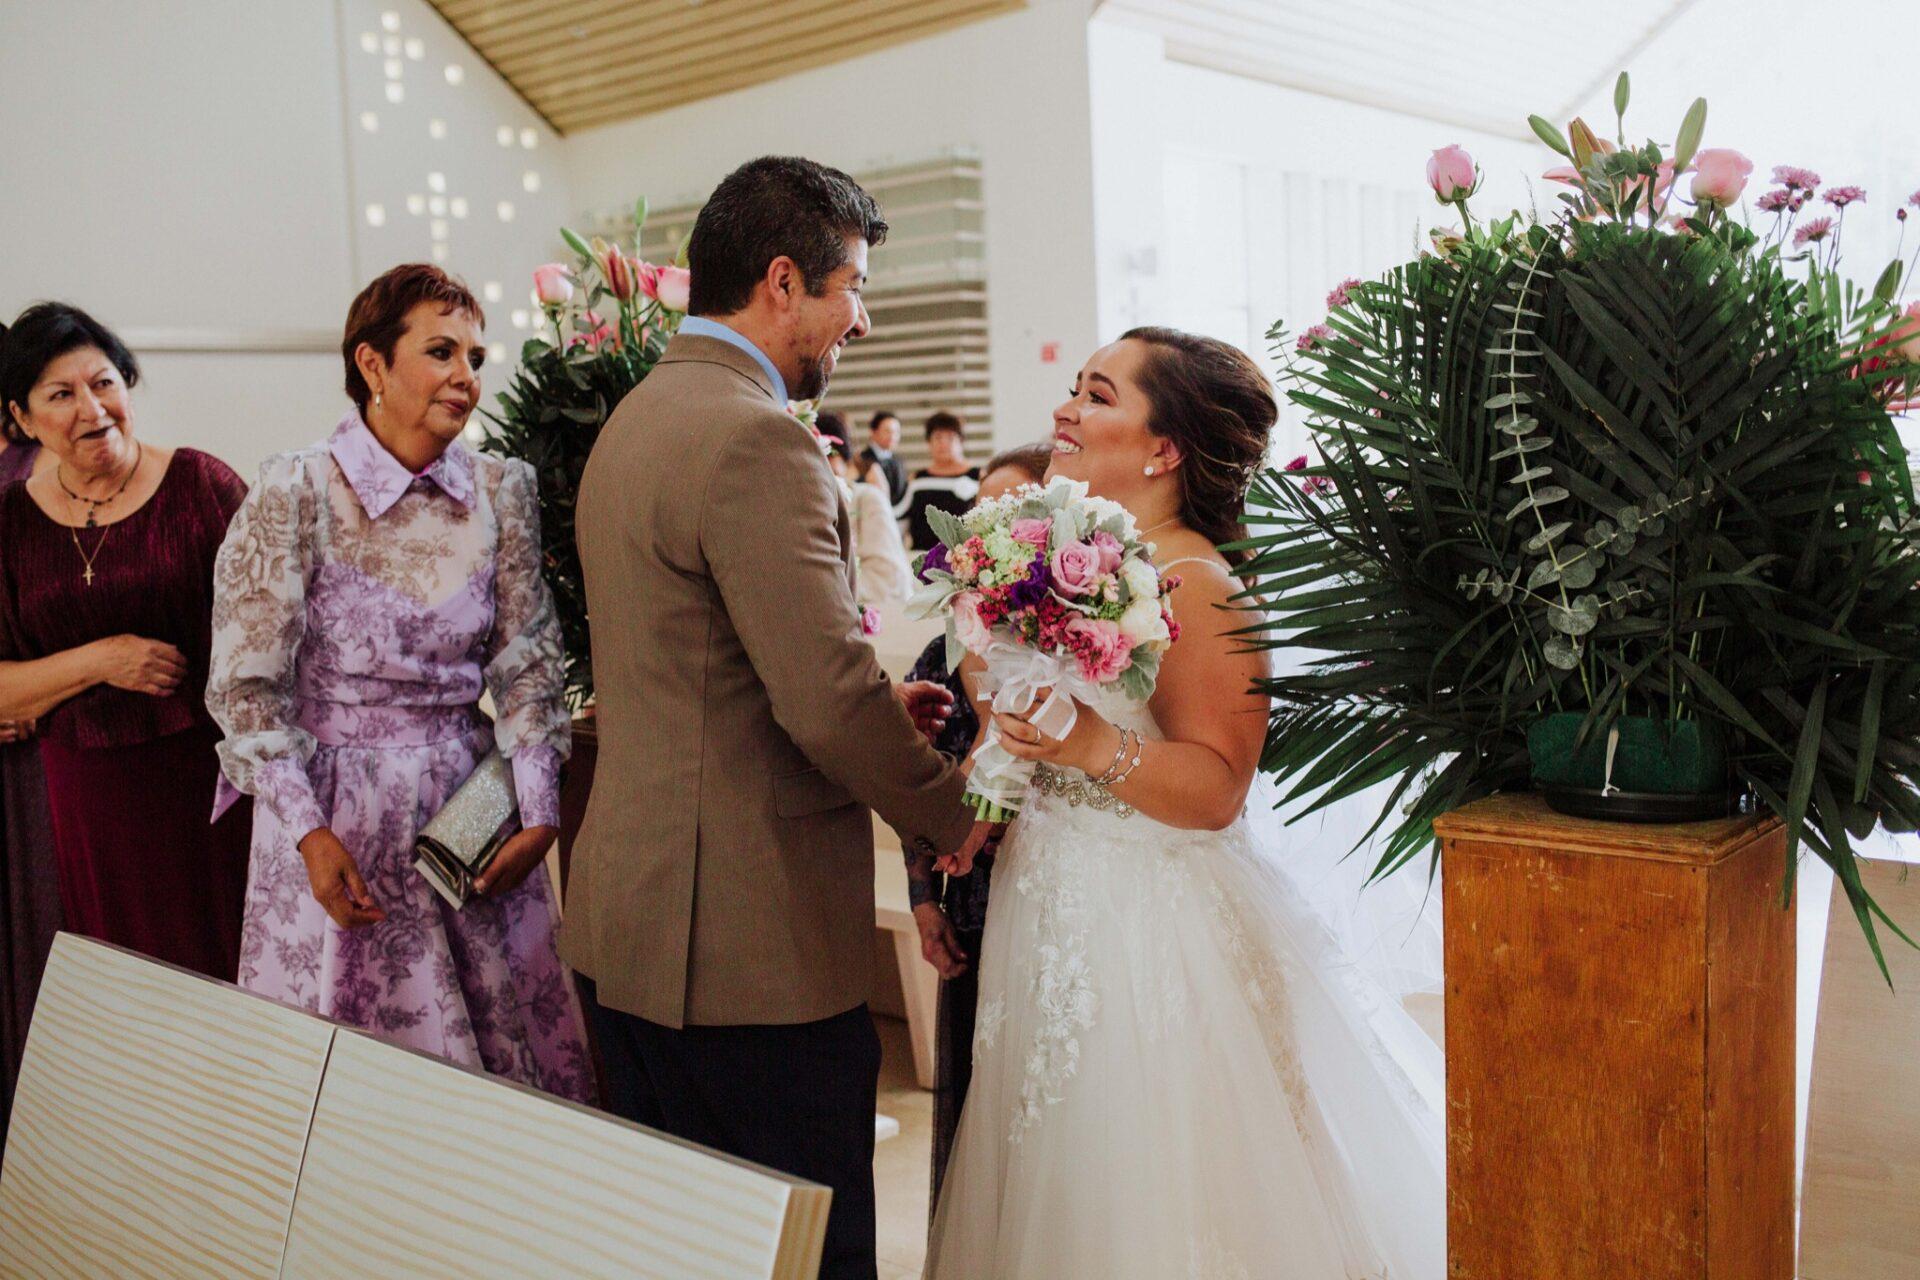 javier_noriega_fotografo_bodas_los_gaviones_zacatecas_wedding_photographer4